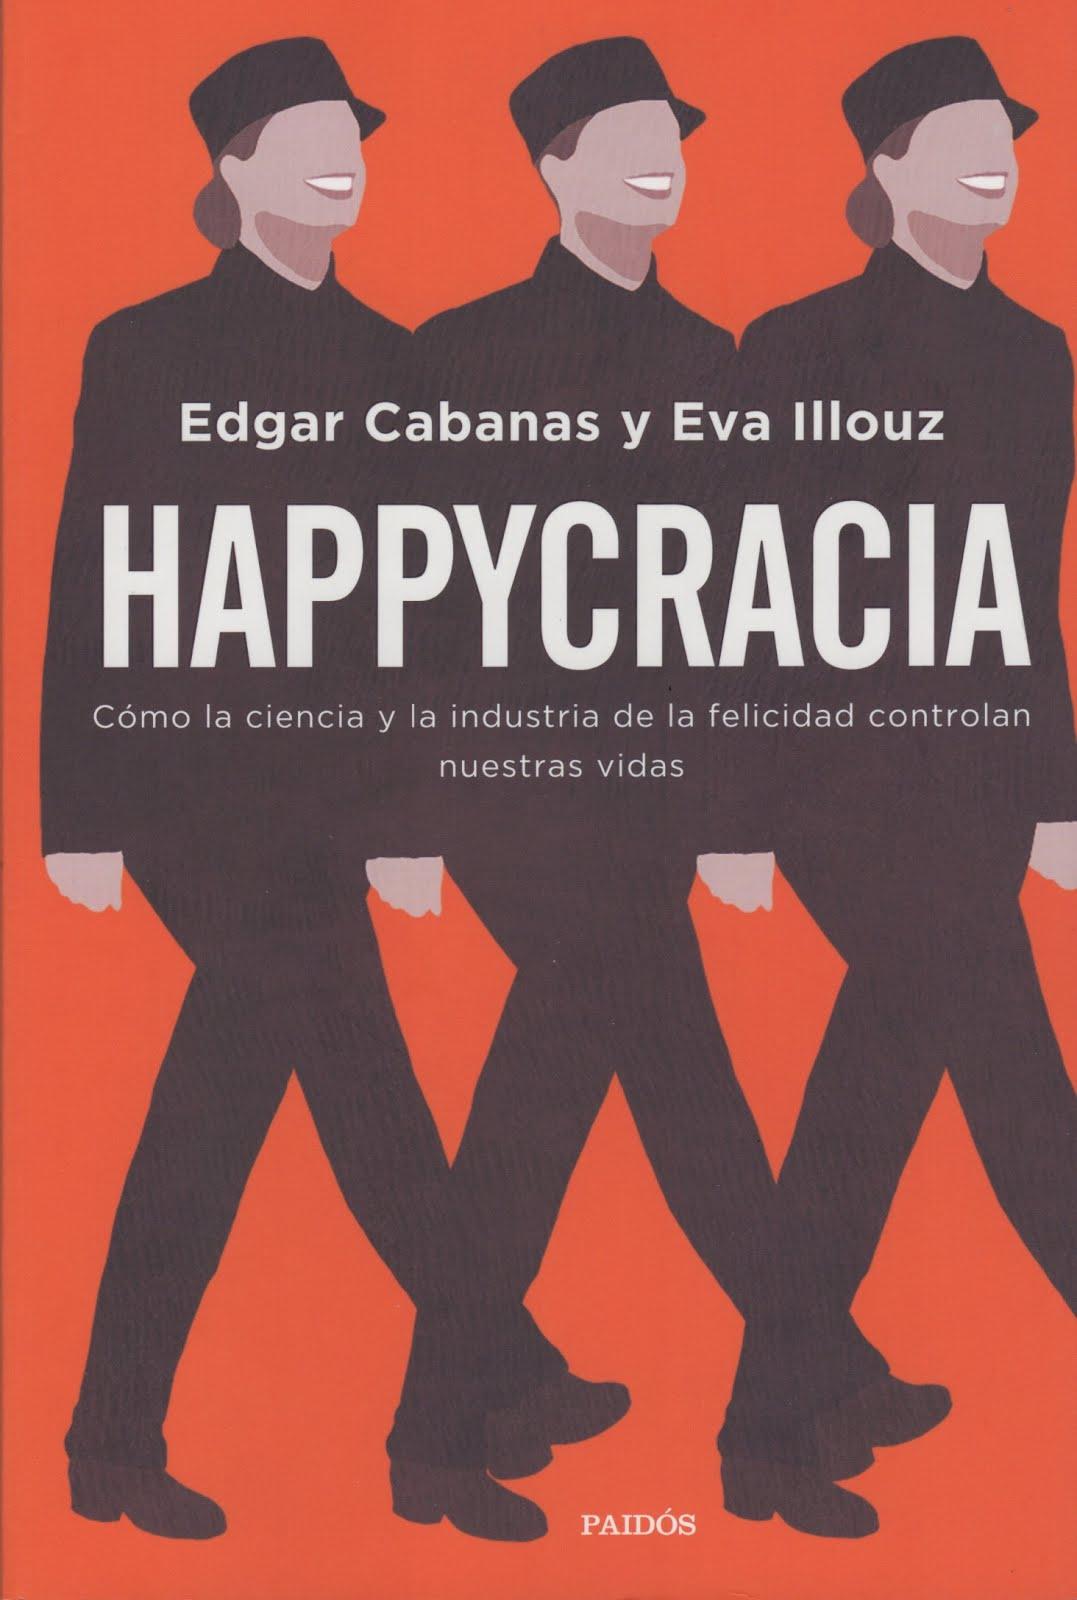 Edgar Cabanas y Eva Illouz (Happycracia) Cómo la ciencia y la industria de la felicidad controlan..